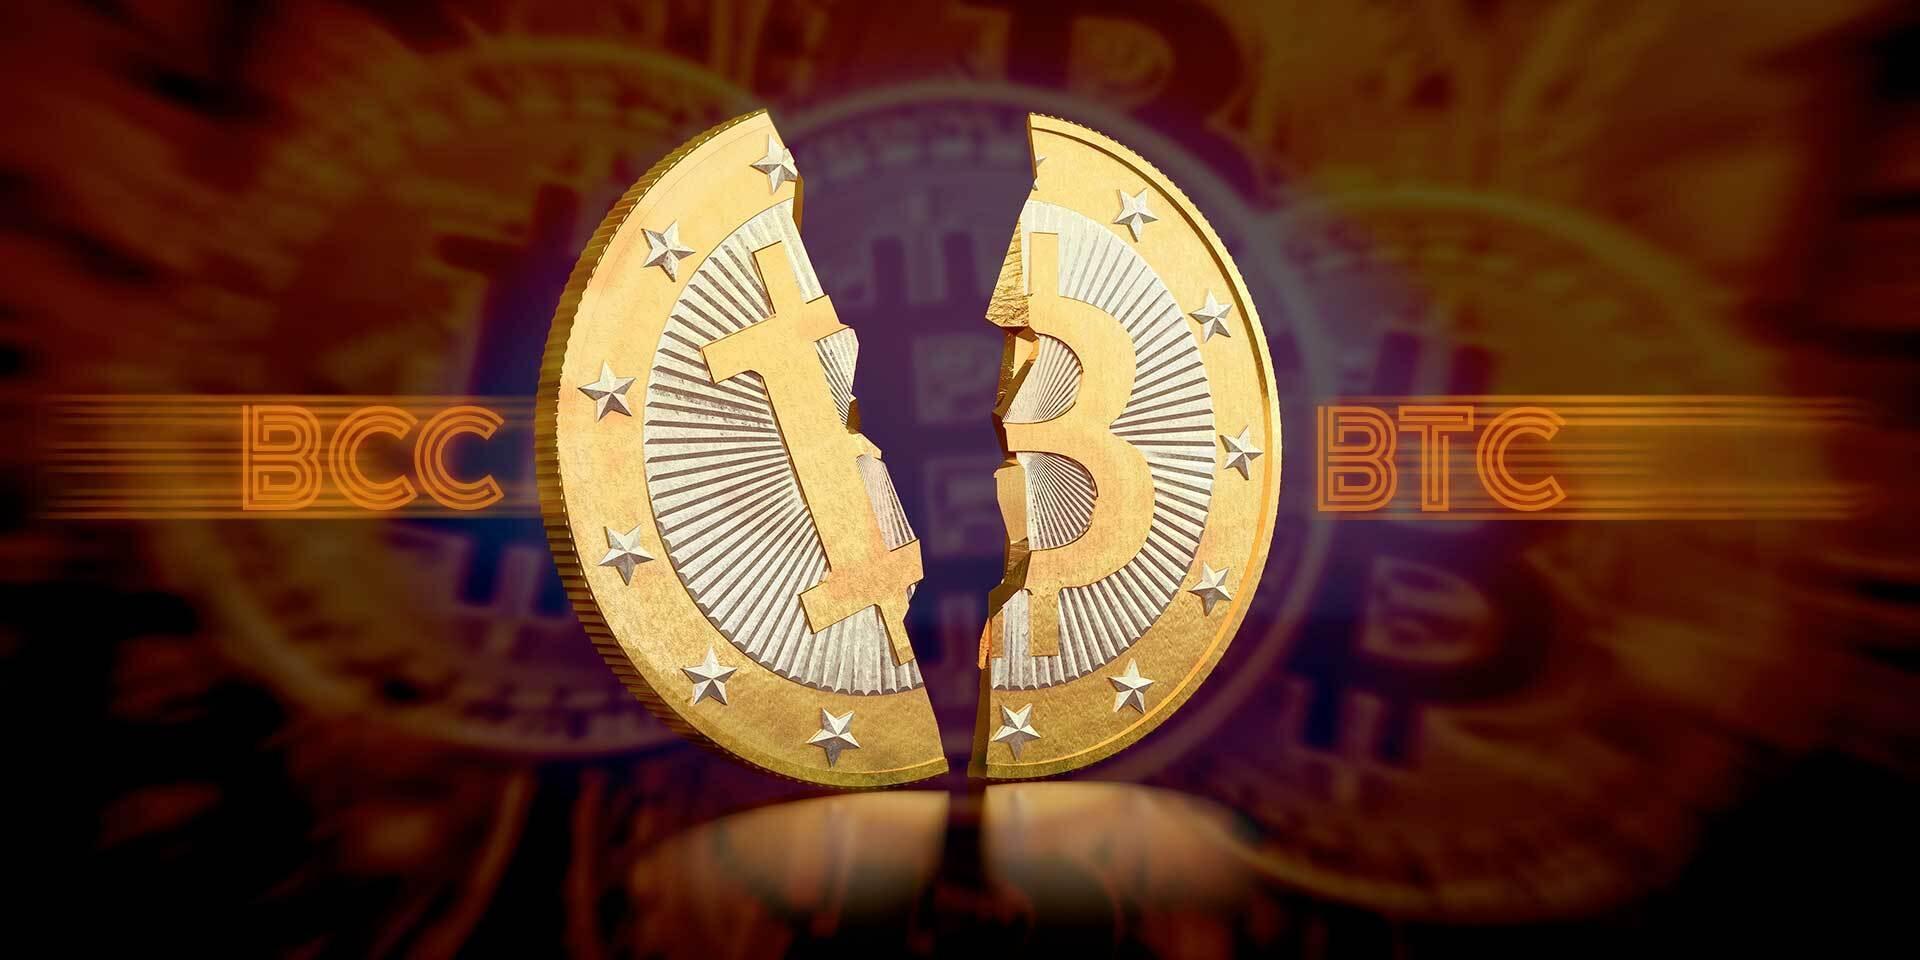 Bitcoin'deki yol ayrımı fırsat doğurdu